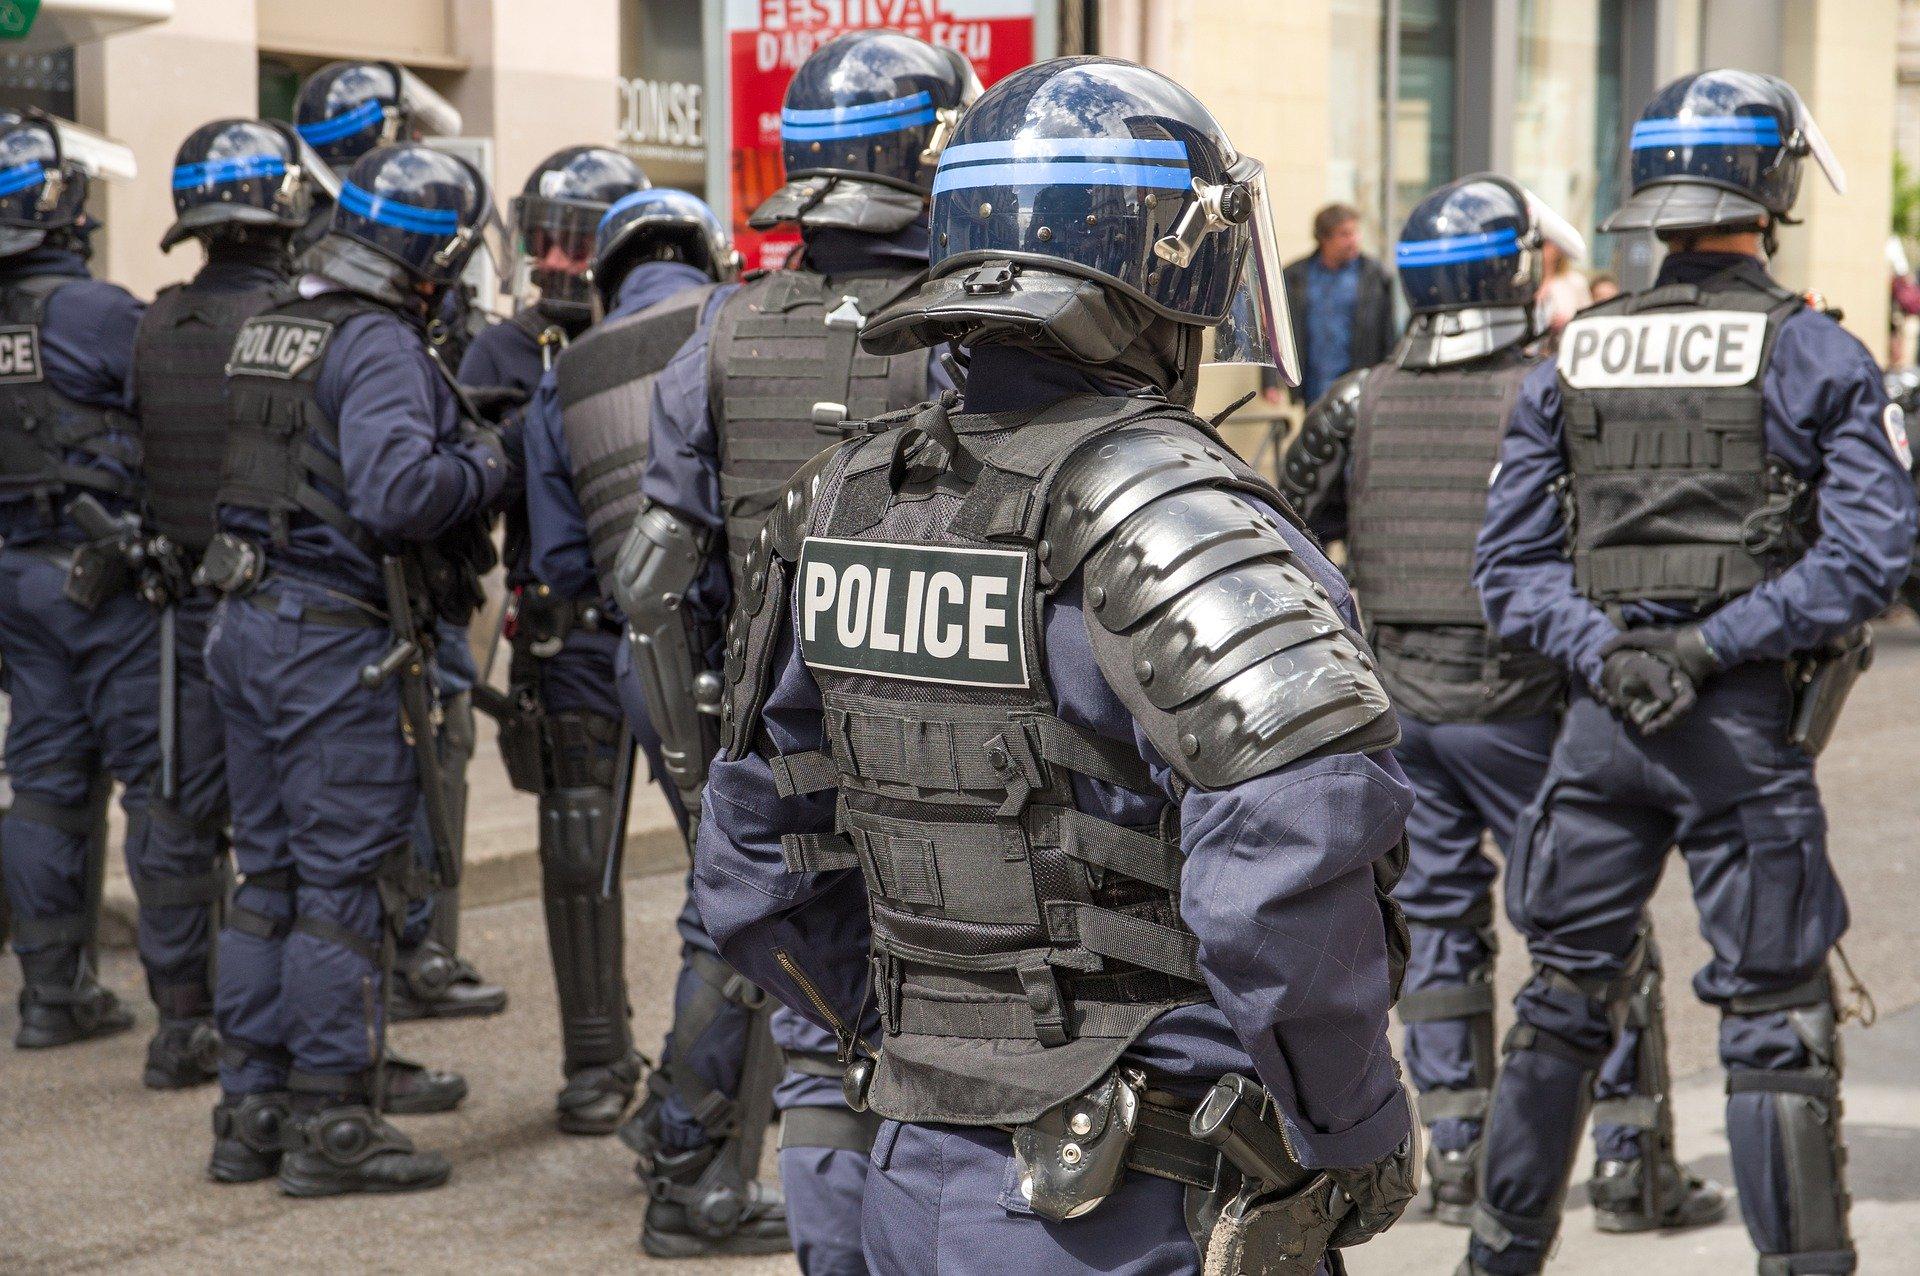 Un manifestant crachait du sang sur les policiers qui le plaquaient au sol d'après Alliance